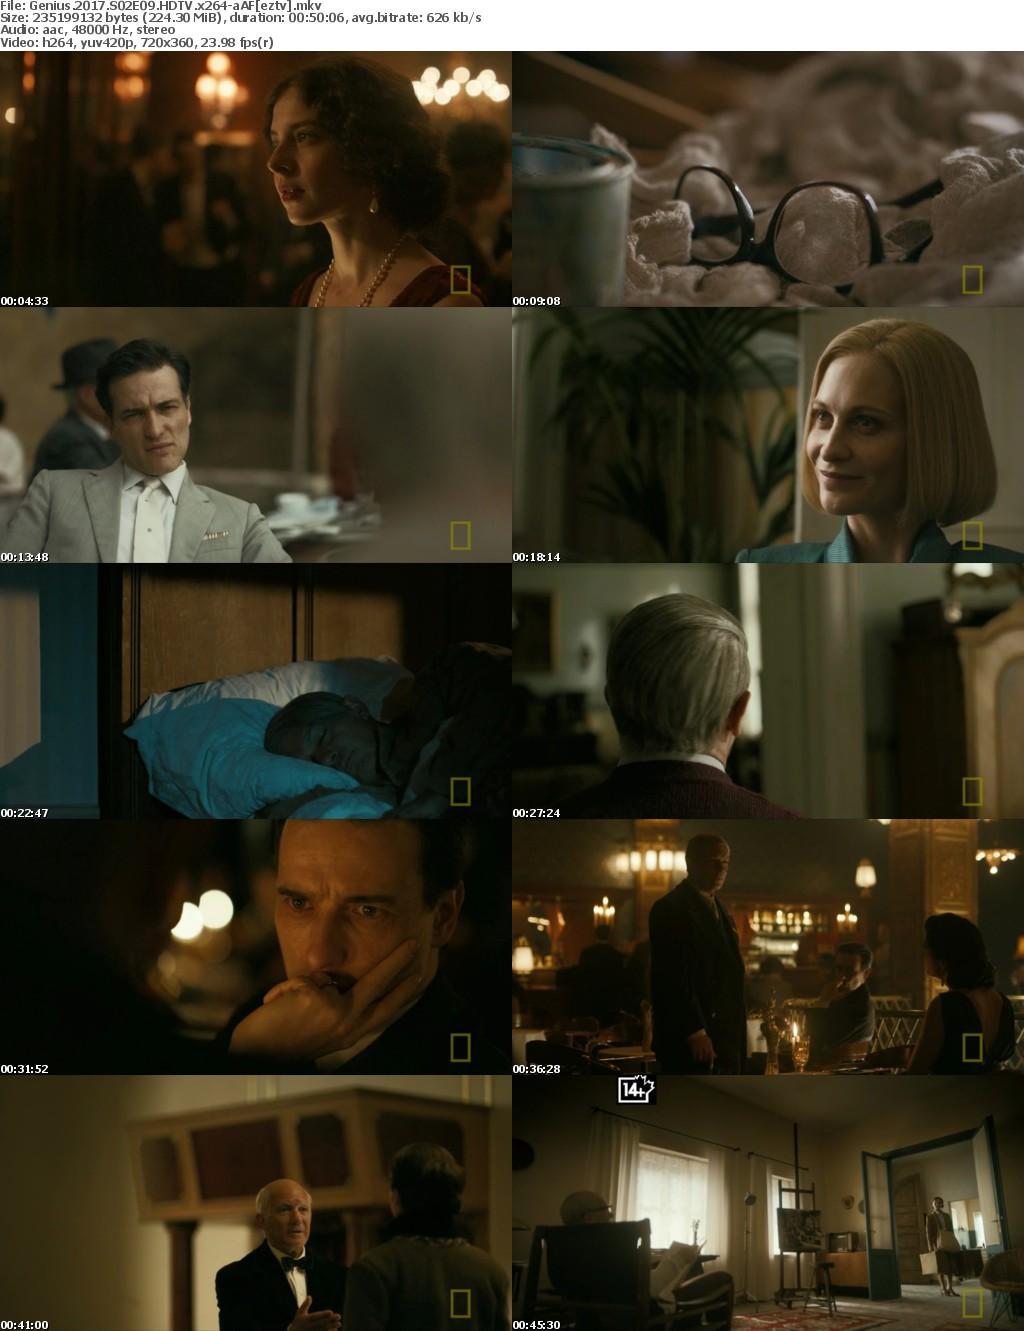 Genius (2017) S02E09 HDTV x264-aAF